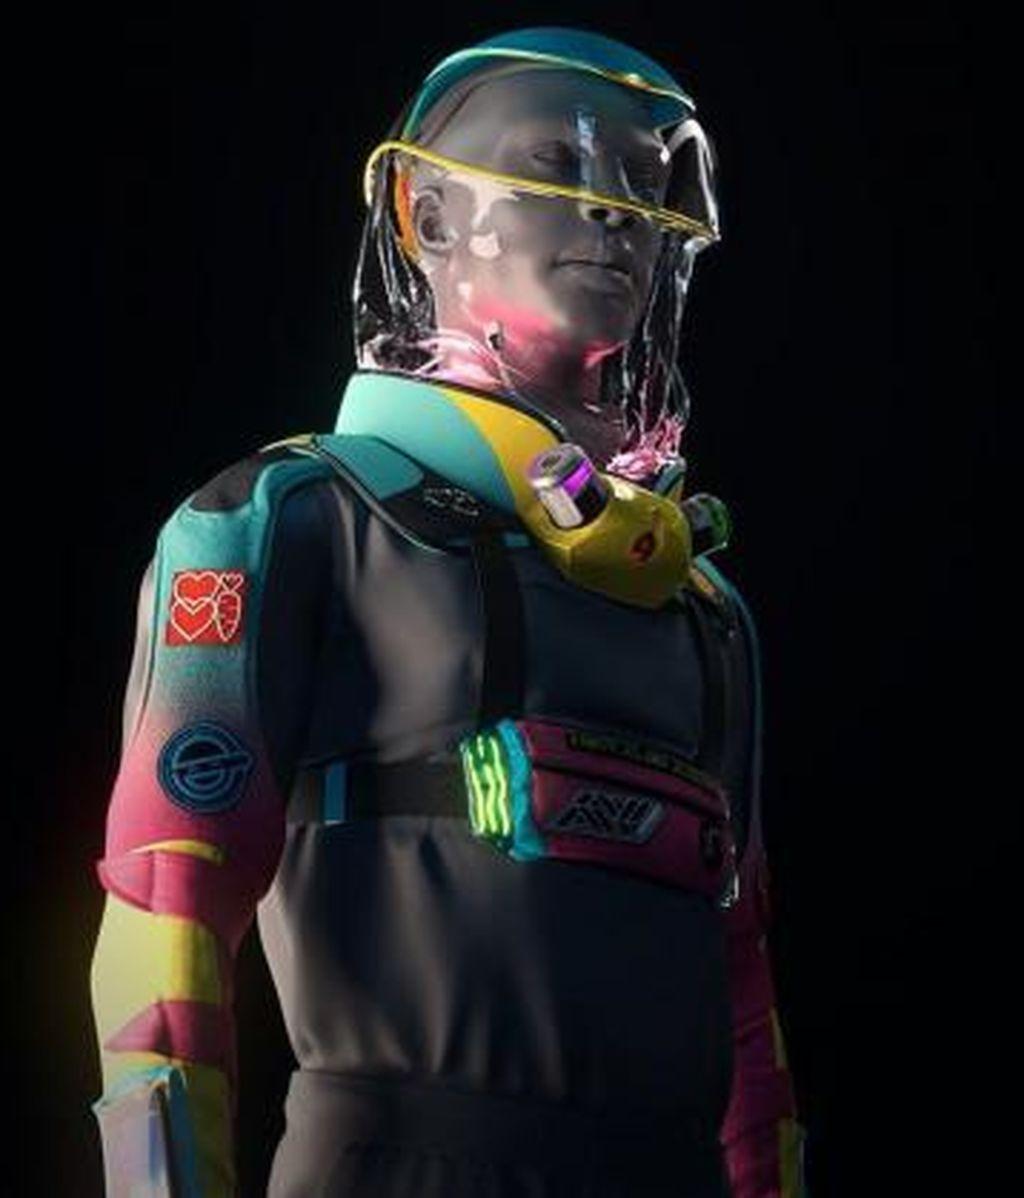 El traje anticoronavirus con el que podremos irnos de fiesta